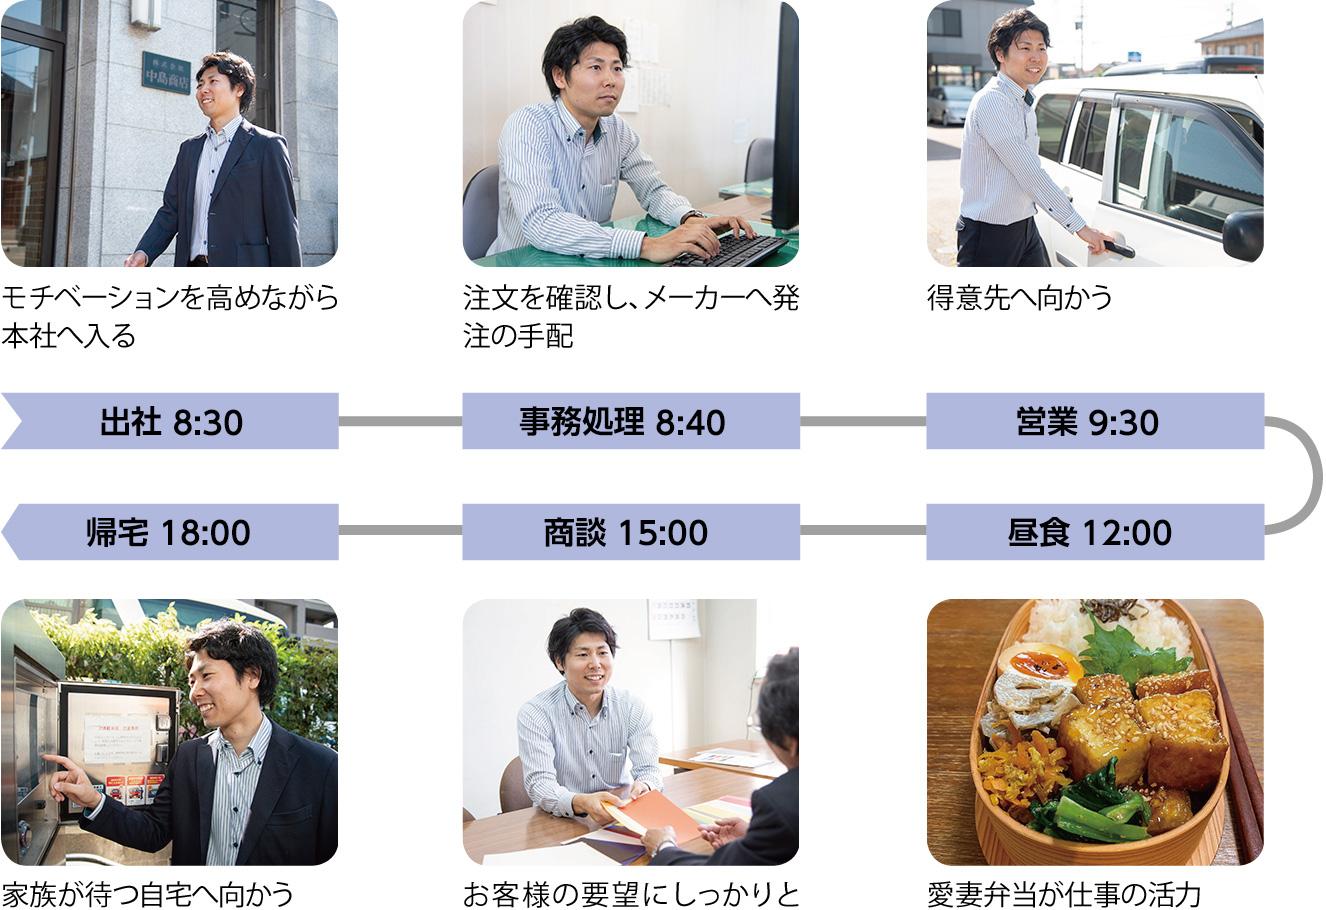 出社 8:30:モチベーションを高めながら本社へ入る、事務処理 8:40:注文を確認し、メーカーへ発注の手配、営業 9:30:得意先へ向かう、昼食 12:00:愛妻弁当が仕事の活力、商談 15:00:お客様の要望にしっかりと耳を傾ける、帰宅 18:00:家族が待つ自宅へ向かう